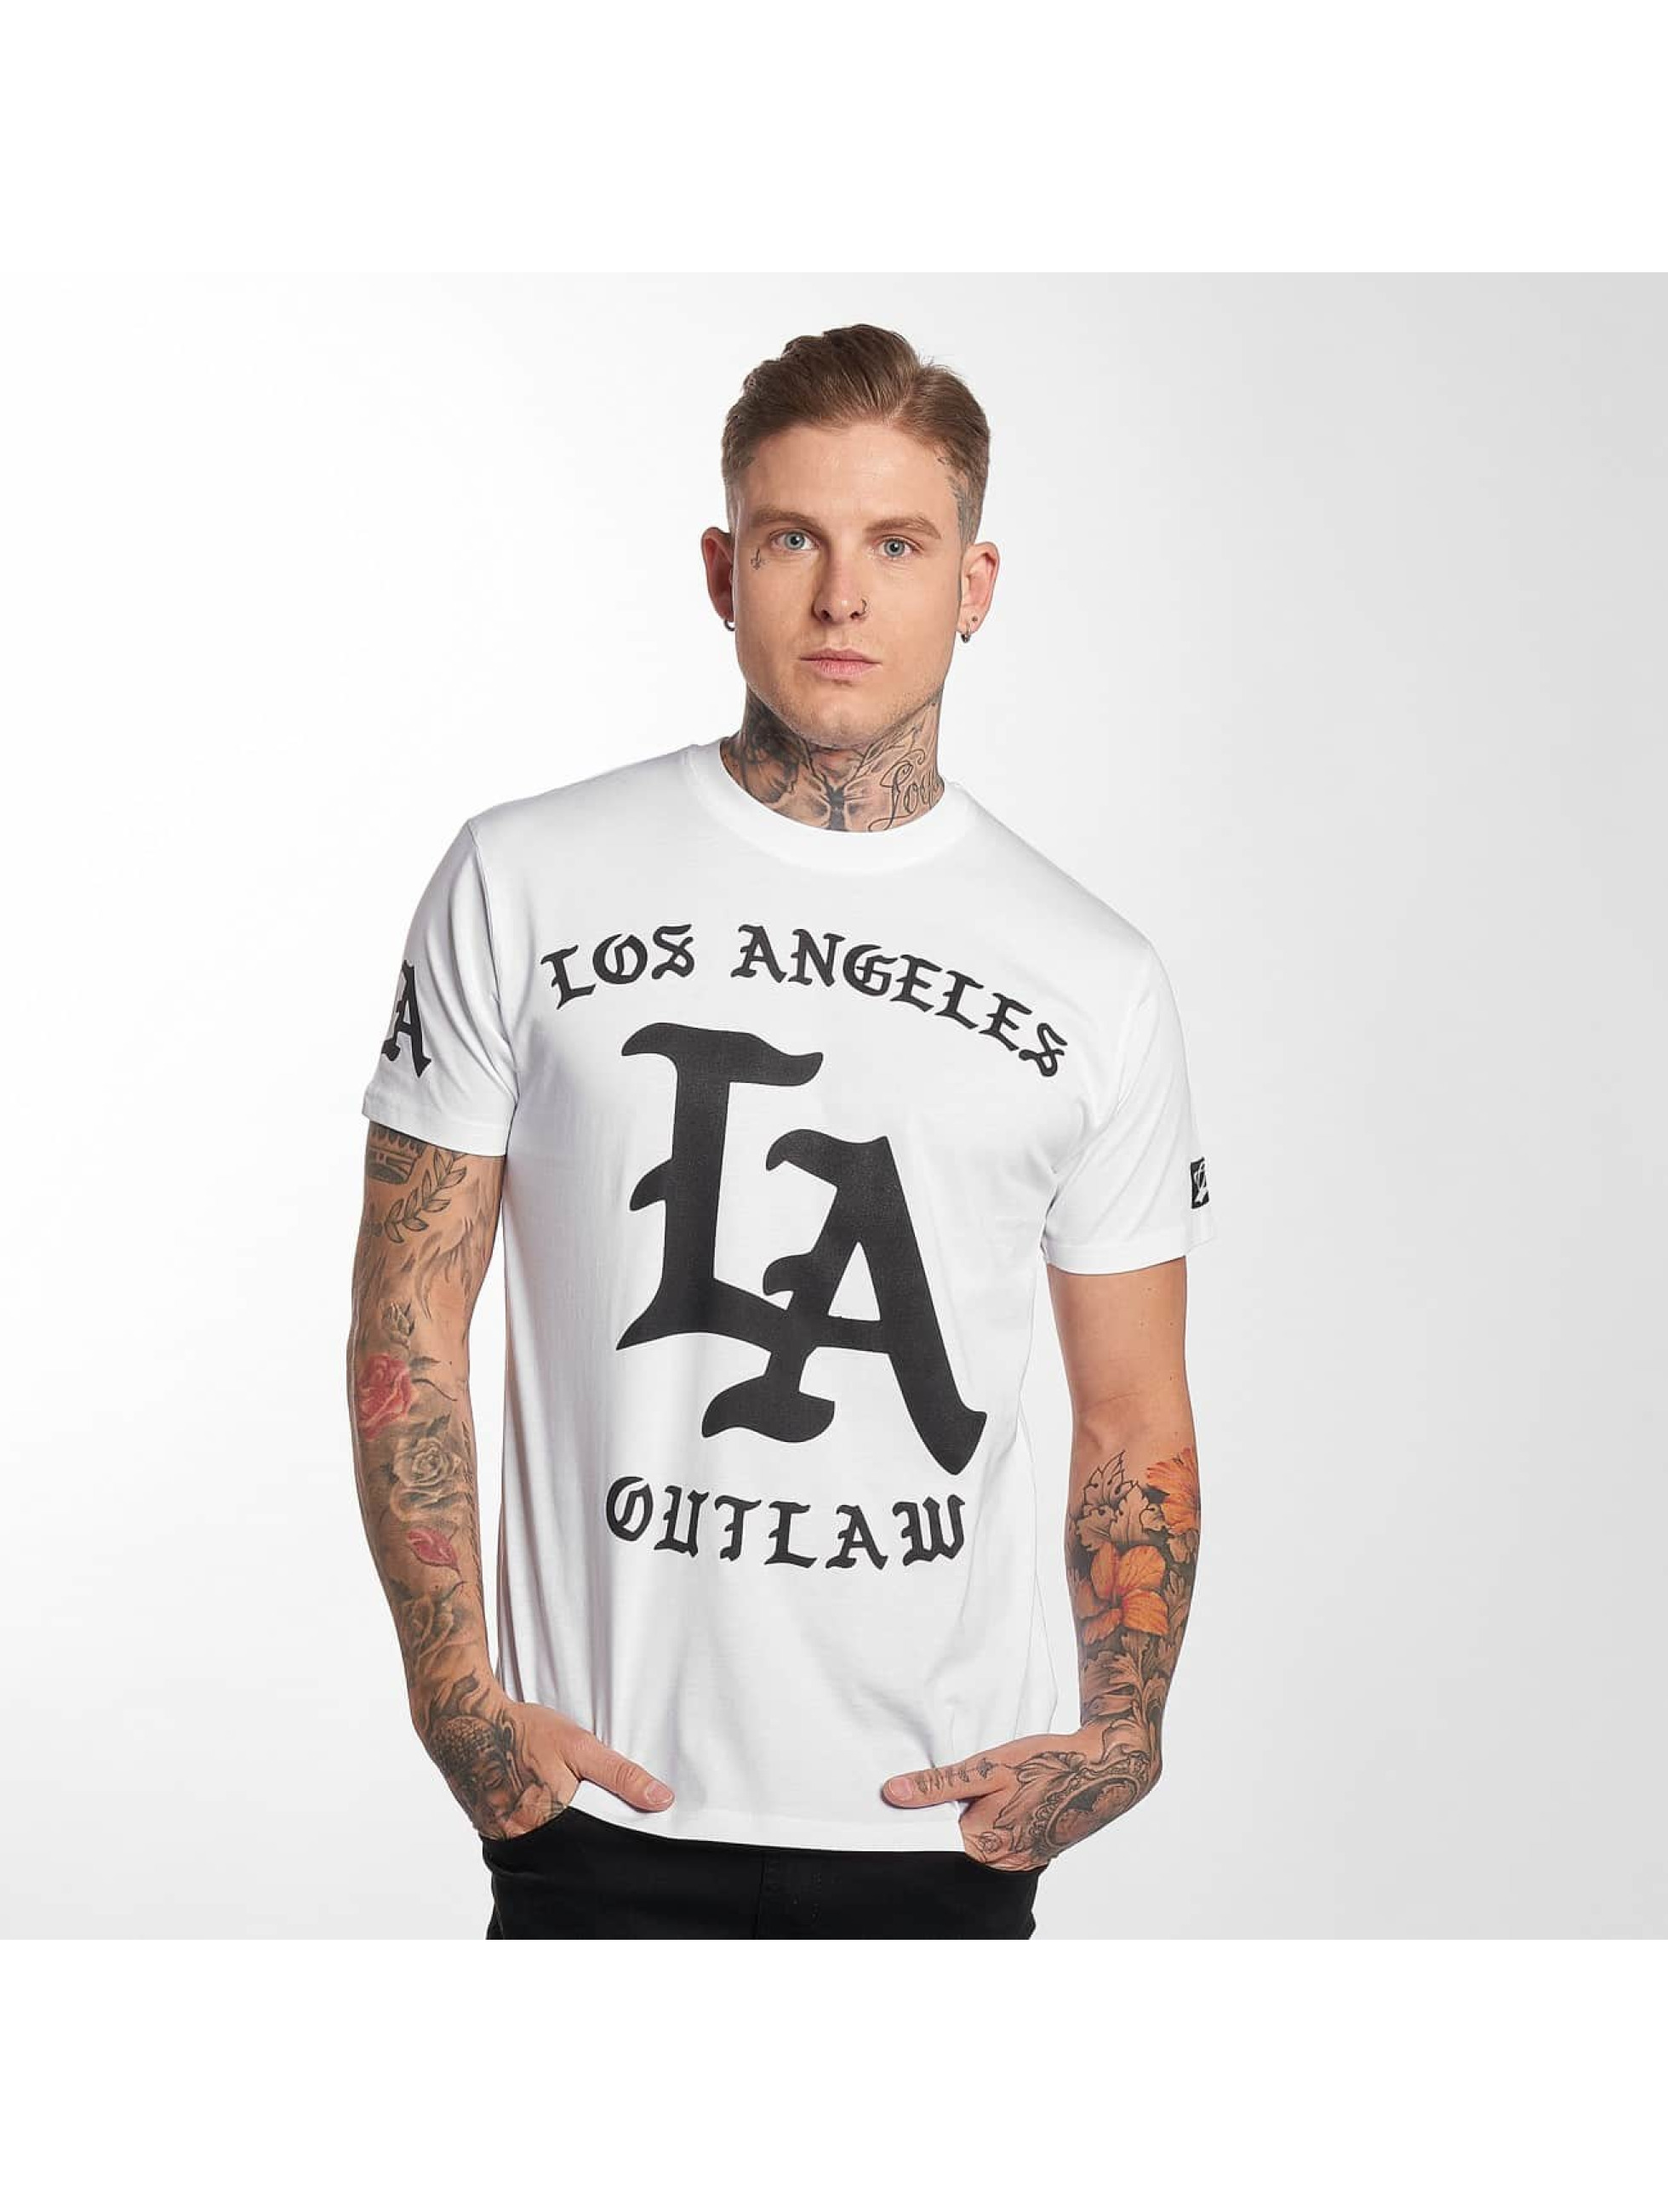 Outlaw T-Shirt Outlaw LA blanc